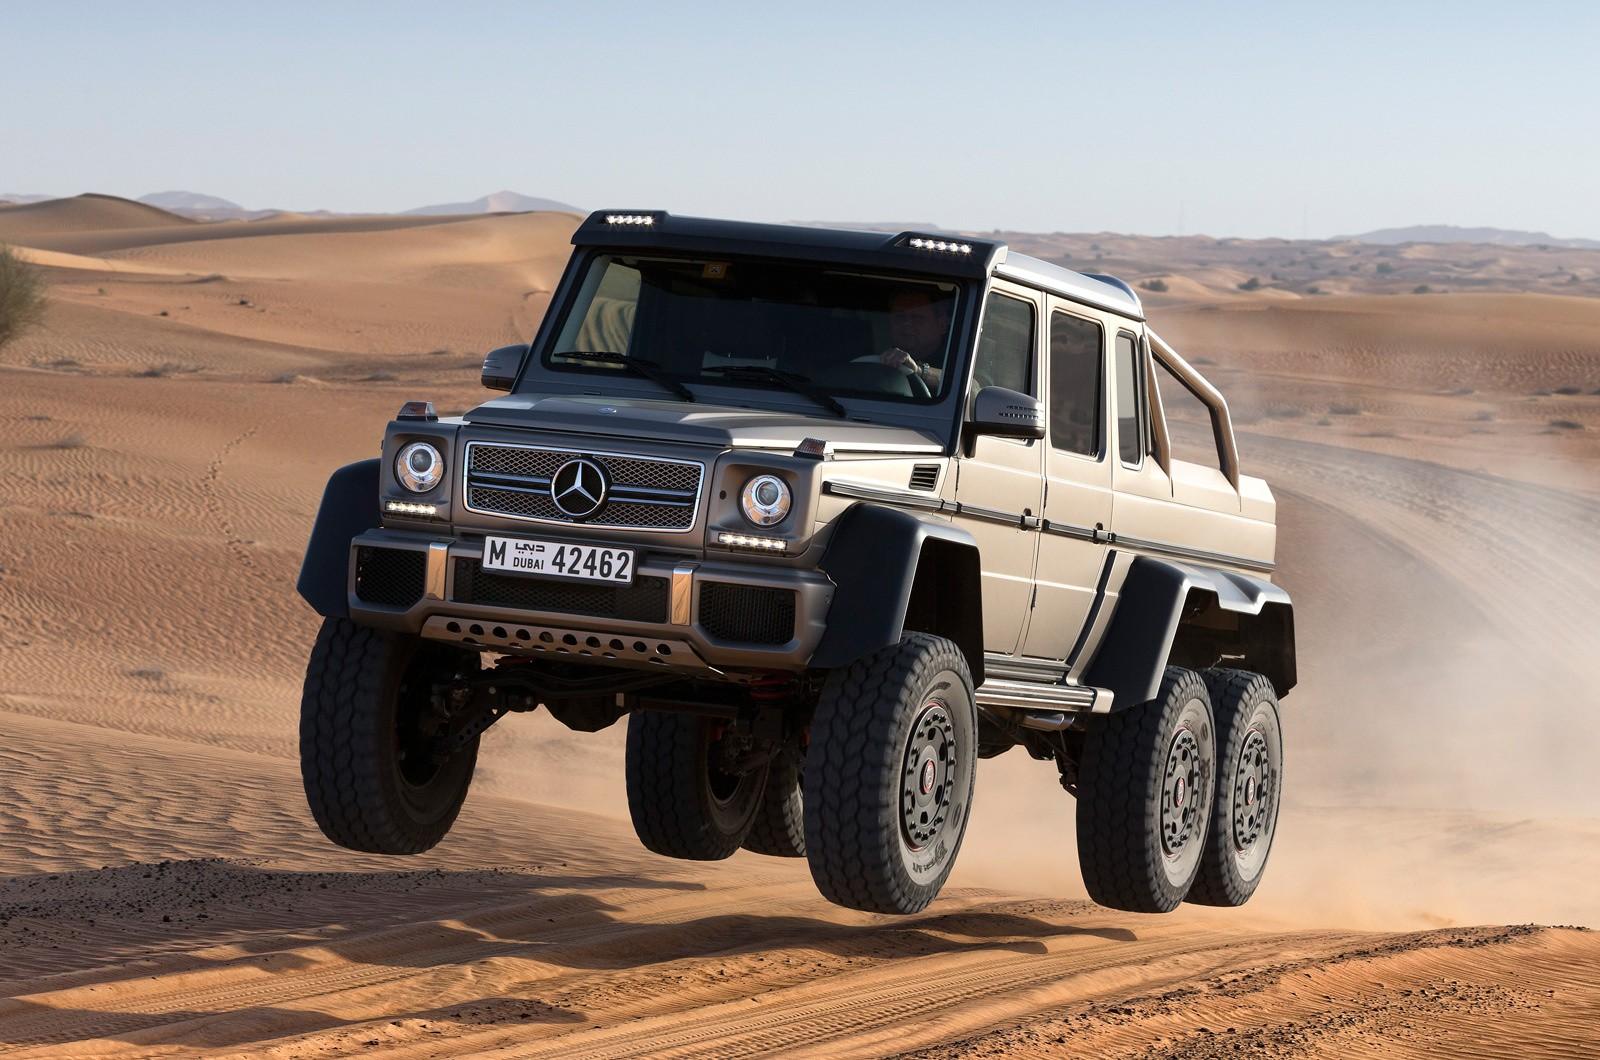 Mercedes-Benz G 63 AMG 6x6 photo 171468